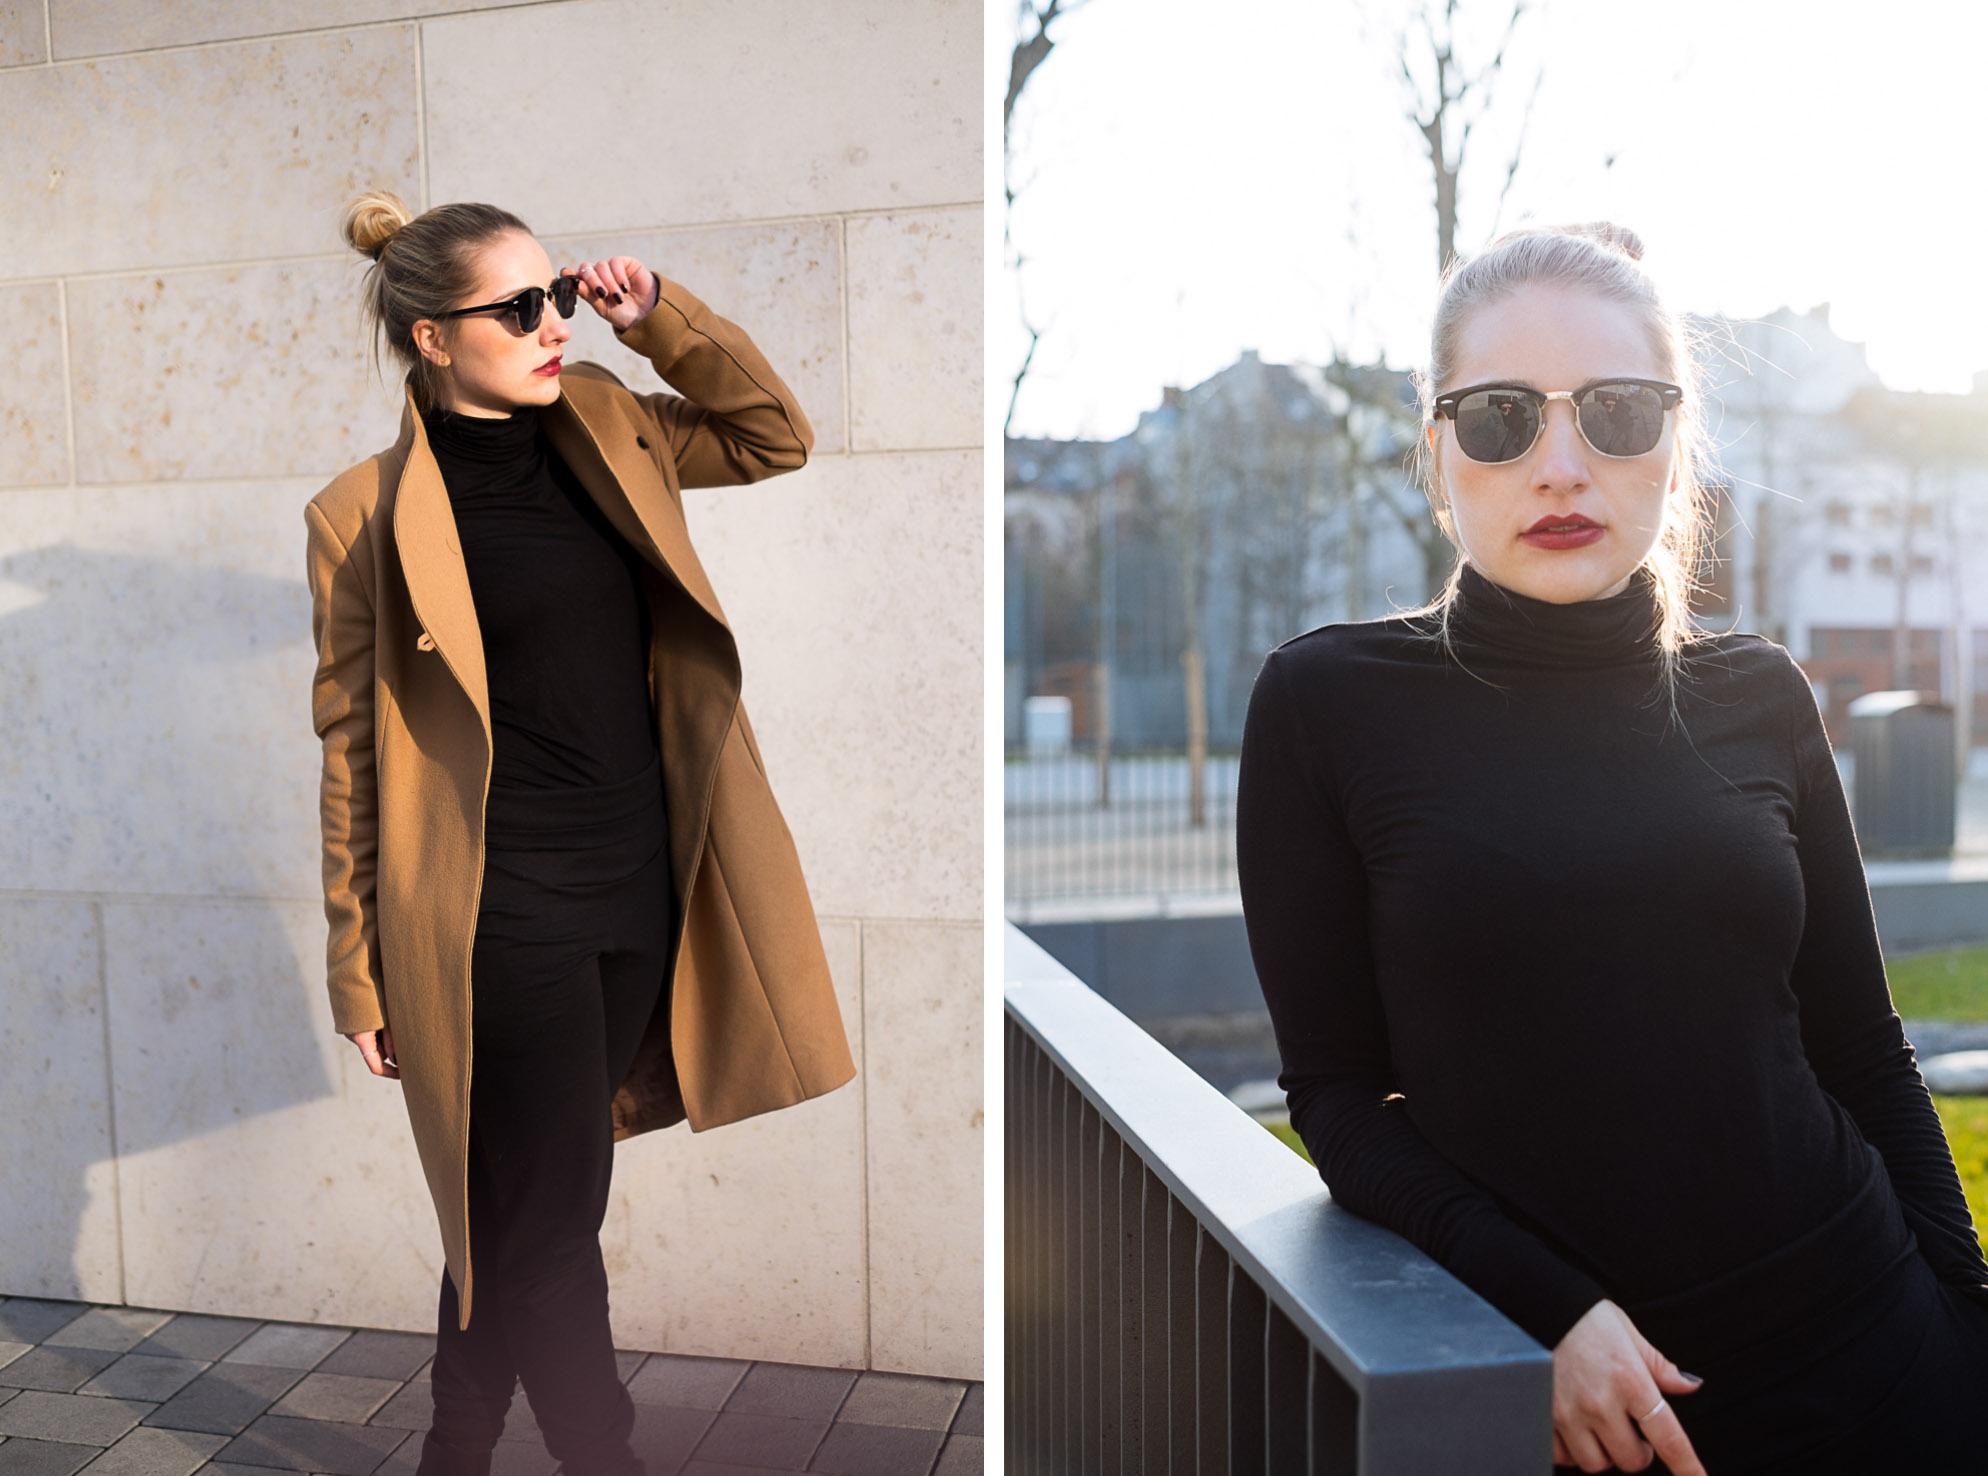 Street Fashion Shooting